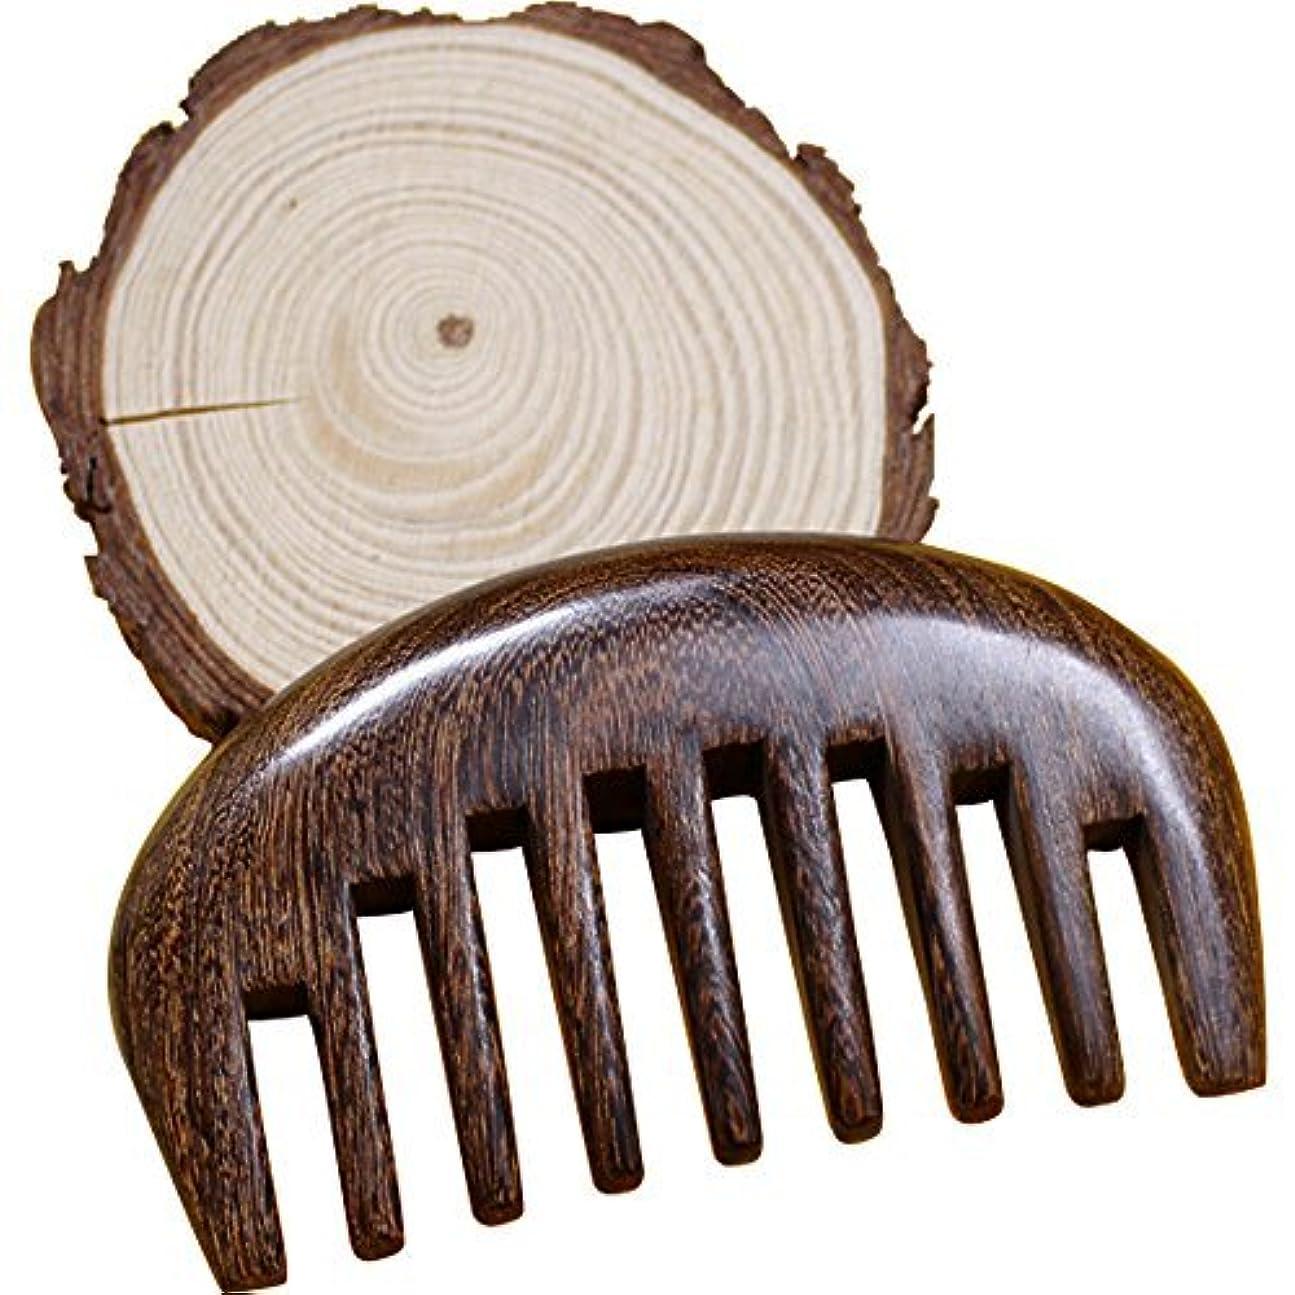 成分折り目ひもWood comb Wooden wide tooth hair comb detangler brush -Anti Static Sandalwood Scent handmad with gift package...